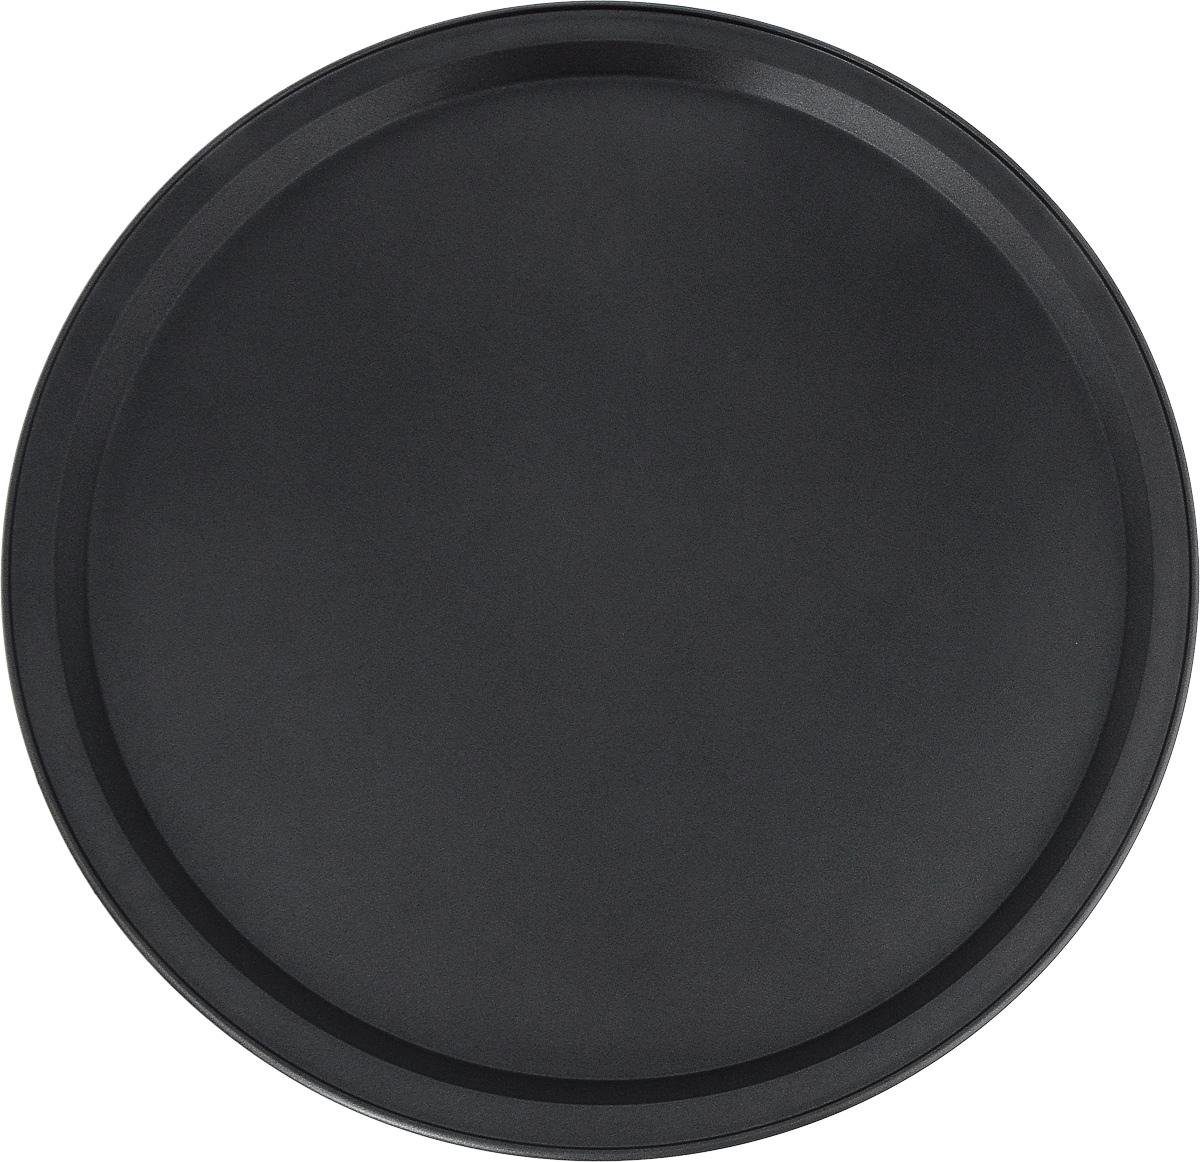 Форма для пиццы Termico Classico, с антипригарным покрытием, диаметр 33 см220422Круглая форма для пиццы Termico Classico изготовлена из углеродистой стали с антипригарным покрытием. Покрытие экологичное и безопасное для здоровья, оно не содержит примеси PFOA, свинца и кадмия. Благодаря антипригарному покрытию нет необходимости использовать подсолнечное масло. Пища не пригорает и не прилипает к стенкам, легко достается из формы, сохраняя при этом аккуратный внешний вид. Изделие прослужит долго и обеспечит легкое и удобное приготовление вашей любимой пиццы. Можно использовать в духовом шкафу при температуре до 250°С. Внутренний диаметр формы: 30,5 см.Размер формы с учетом ручек: 33 х 33 х 1,8 см.